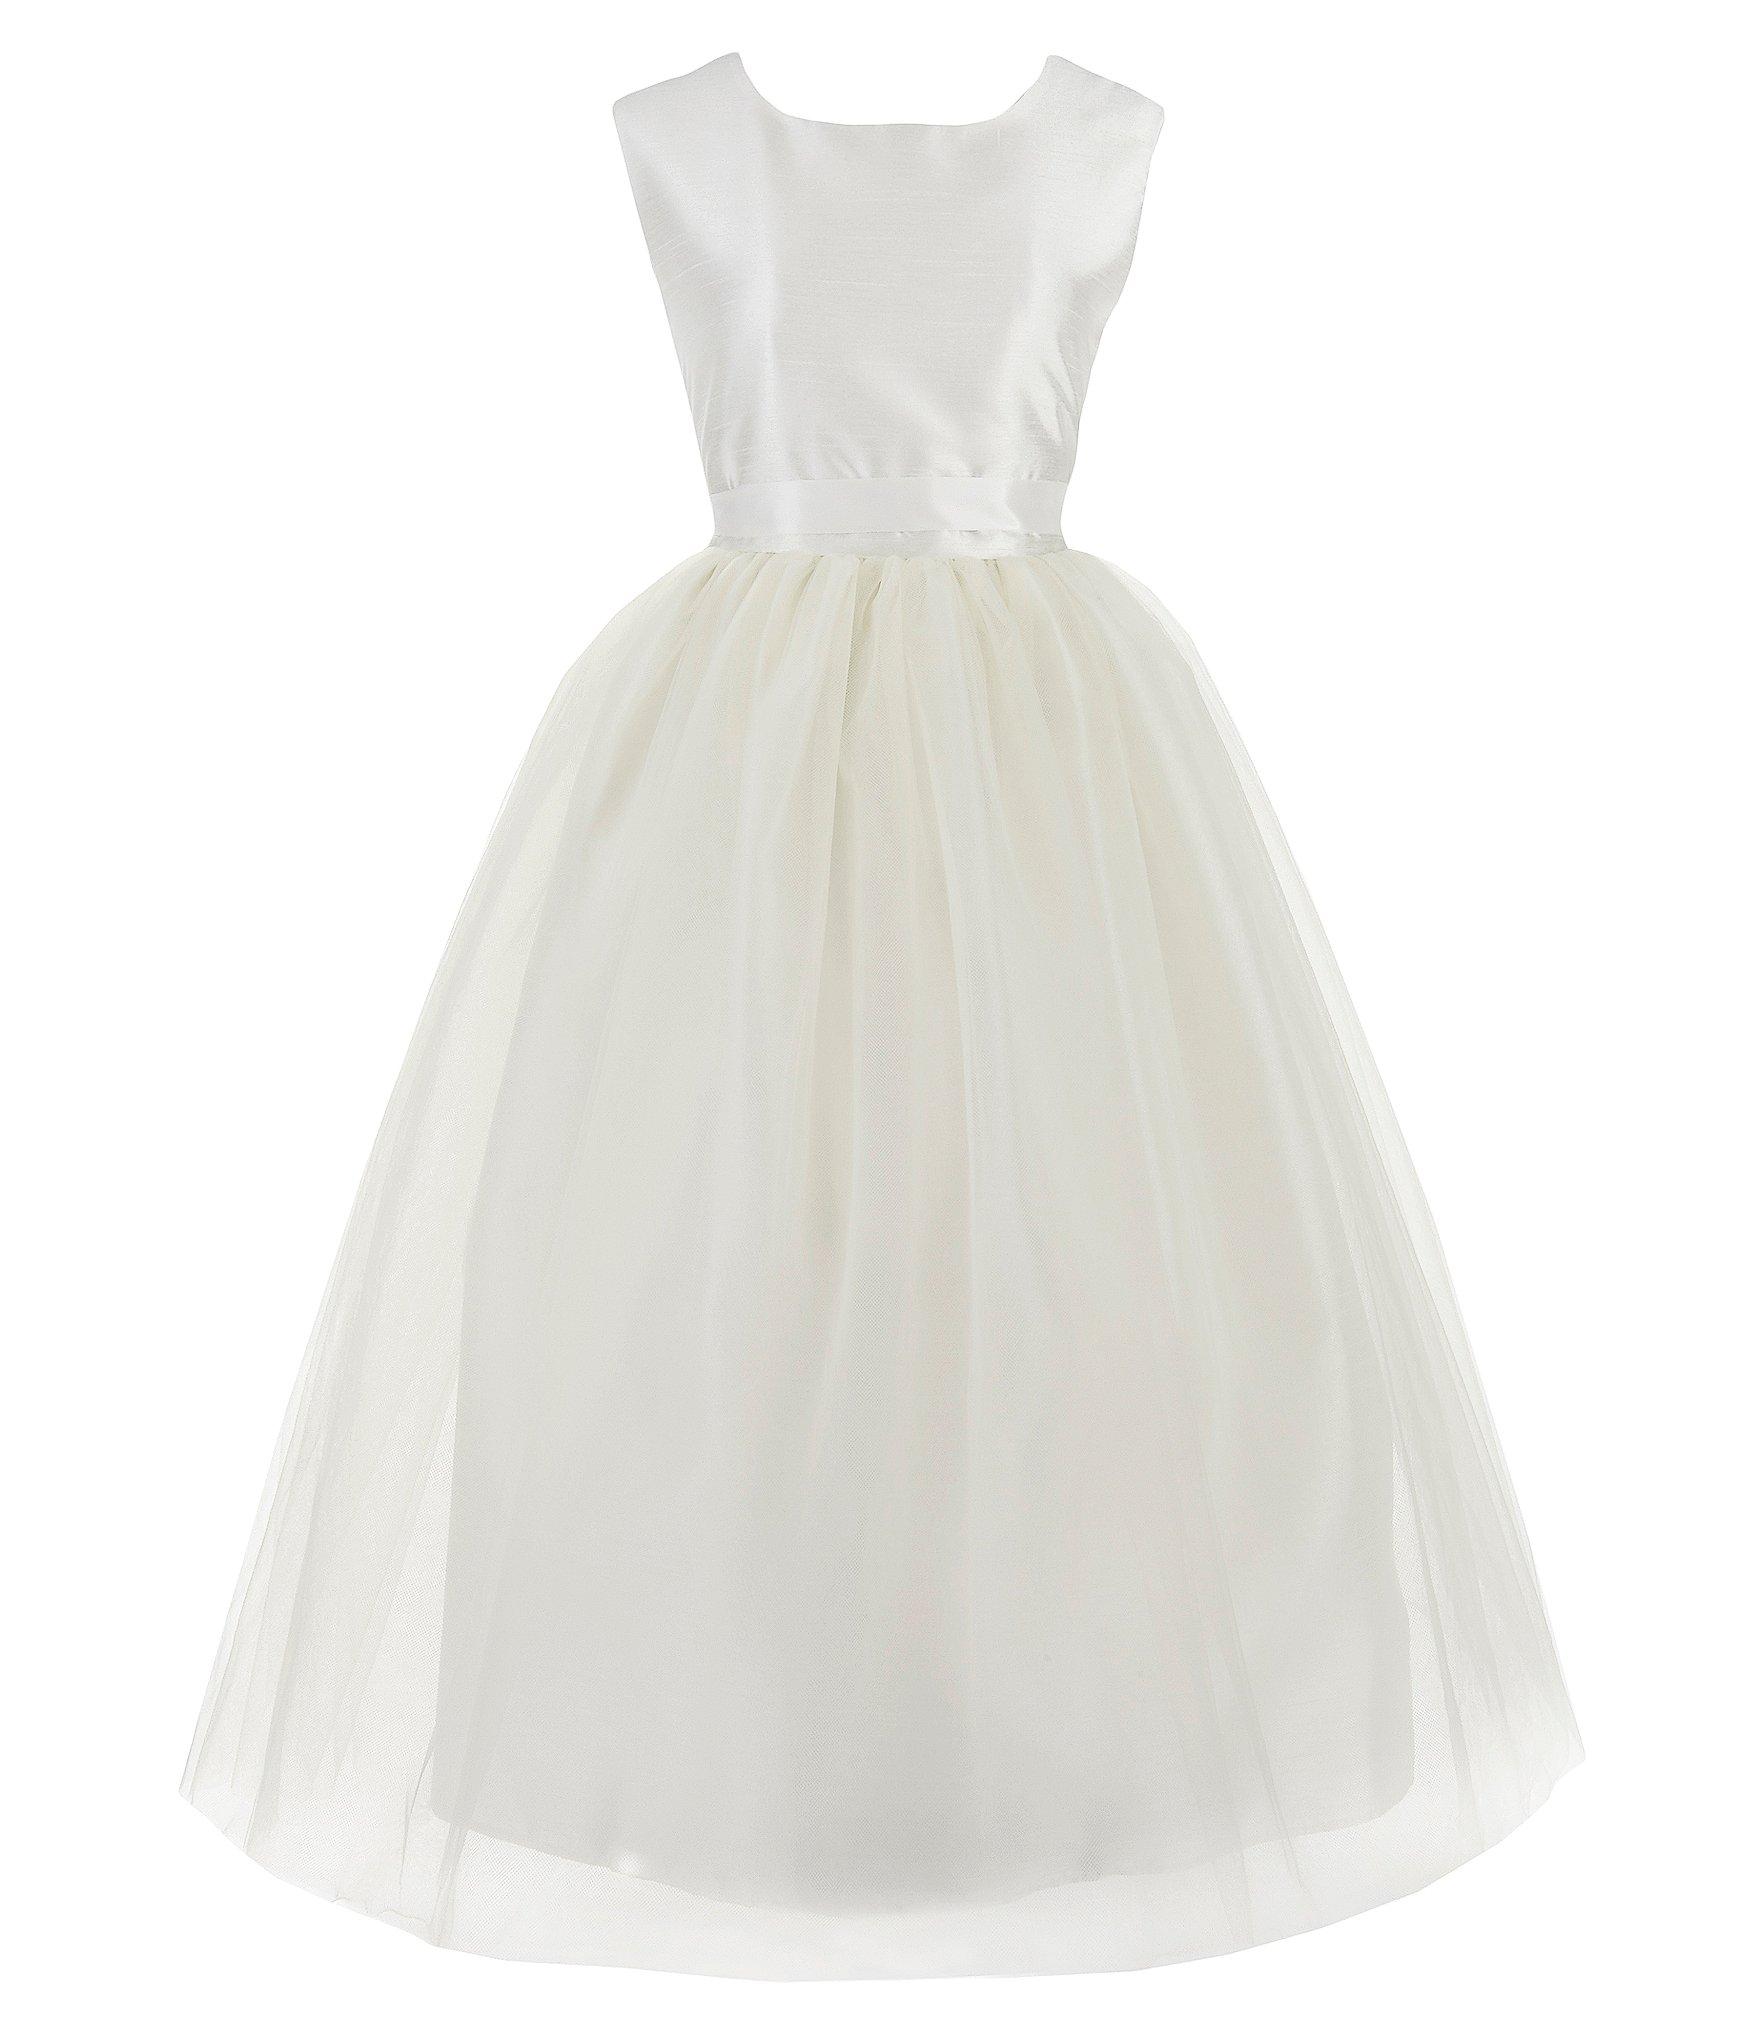 7546684da2a5 Pippa   Julie Little Girls 2T-6X Ballerina Dress